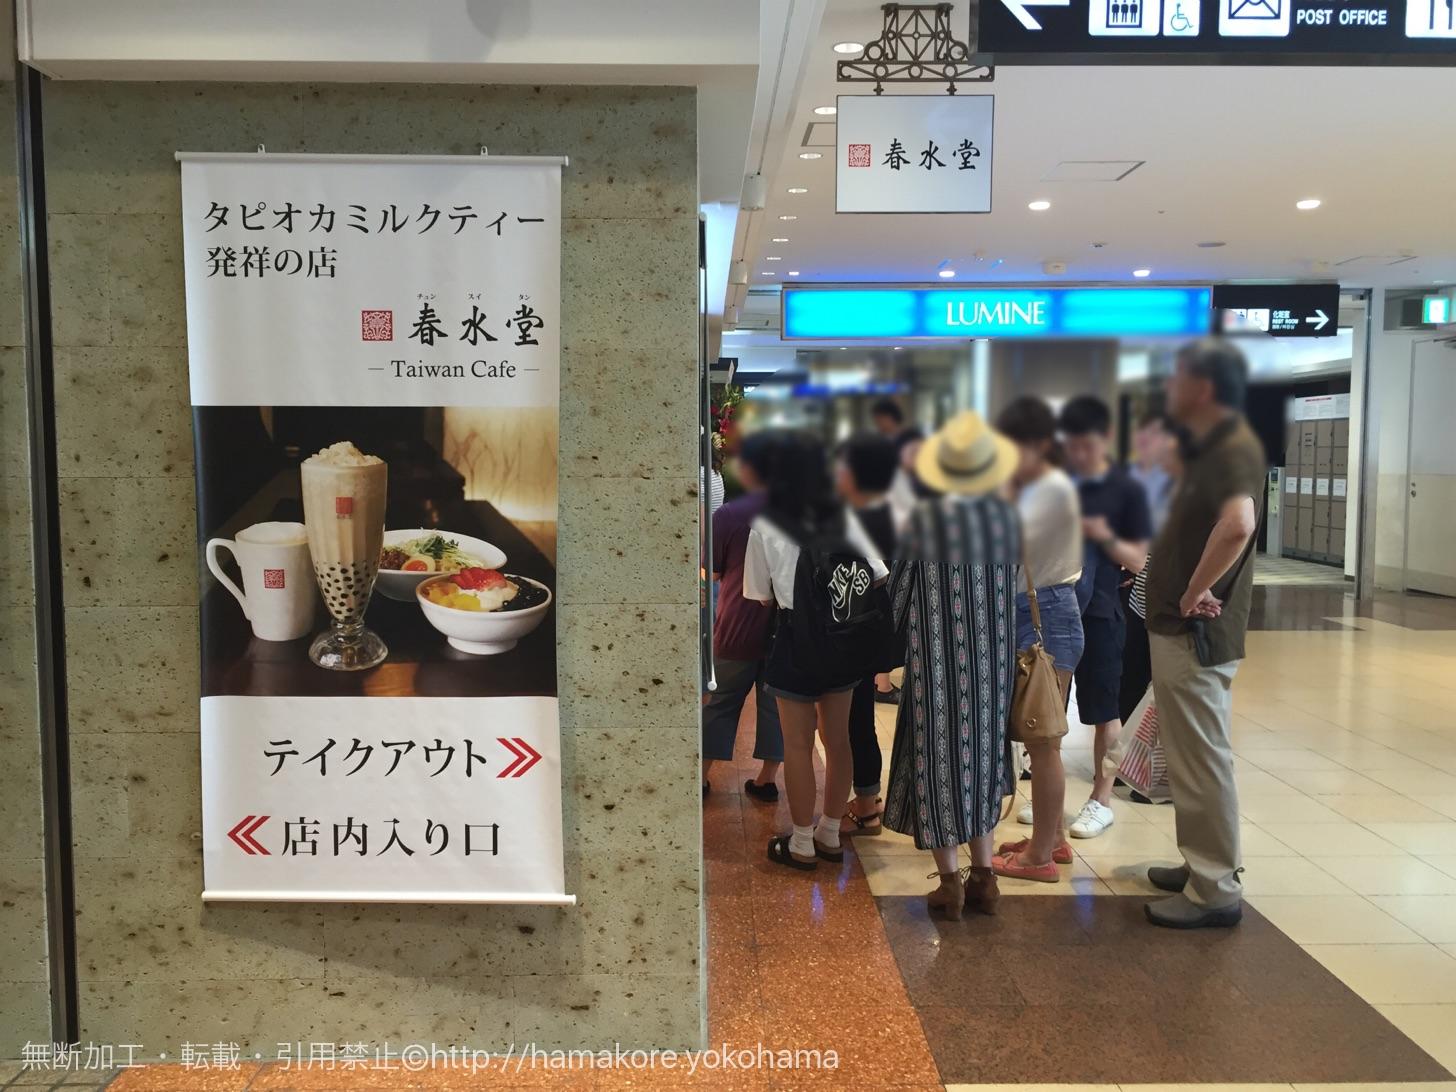 春水堂 横浜店 テイクアウトの行列